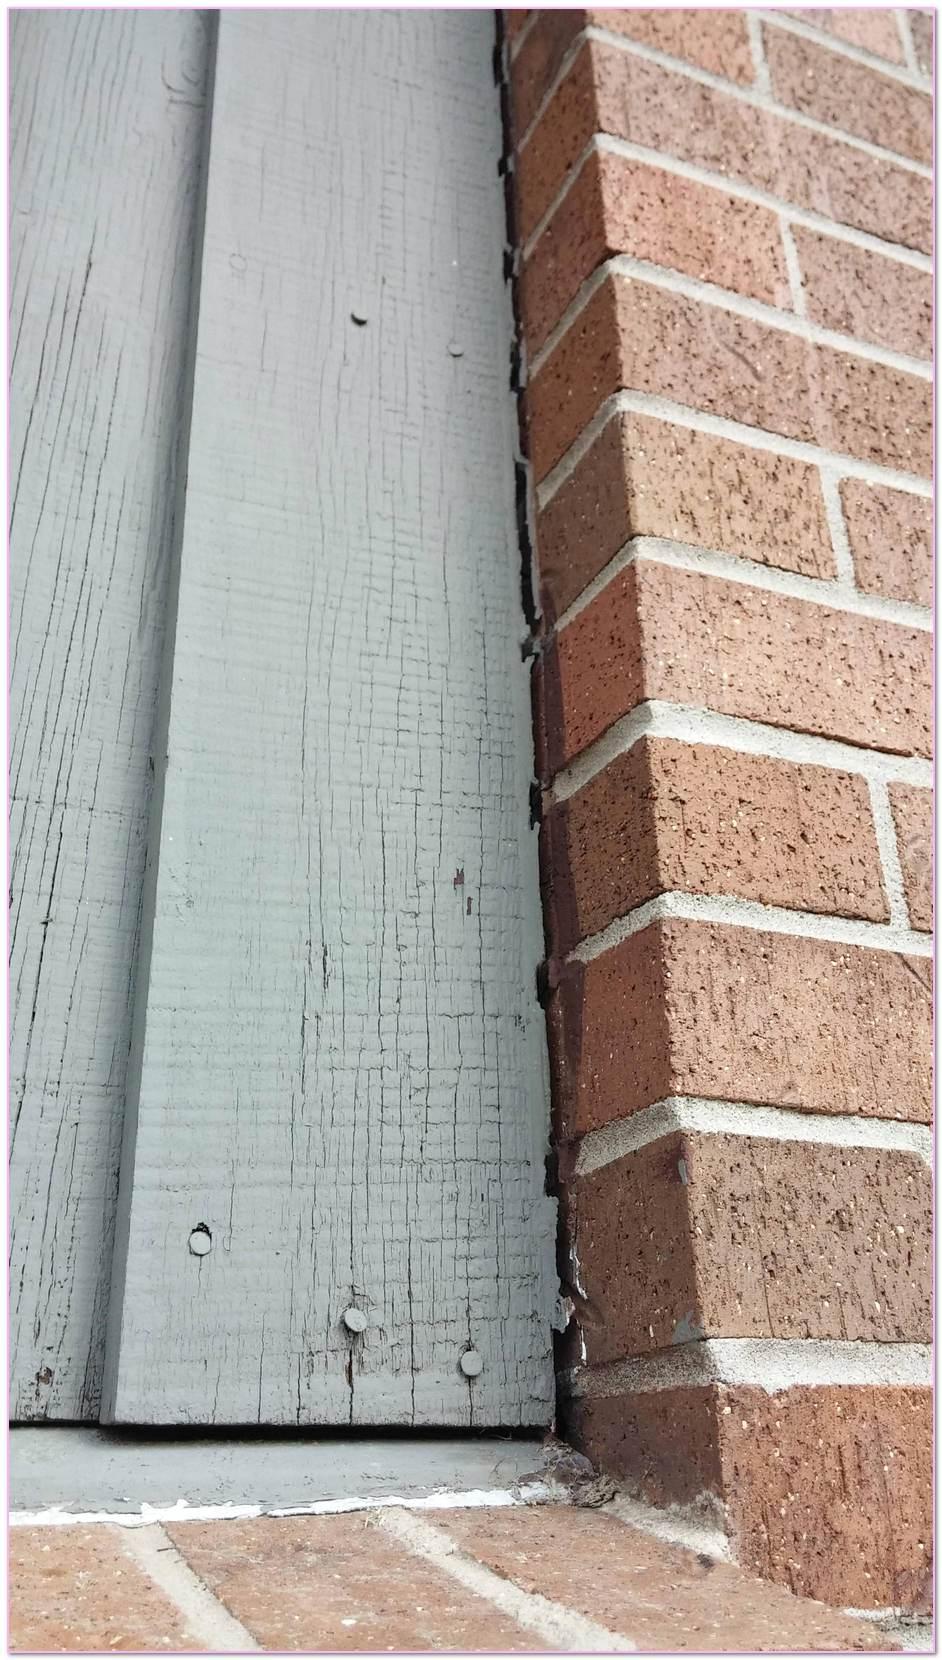 Siding Nail Screw Or It. Siding Panel Nail Board